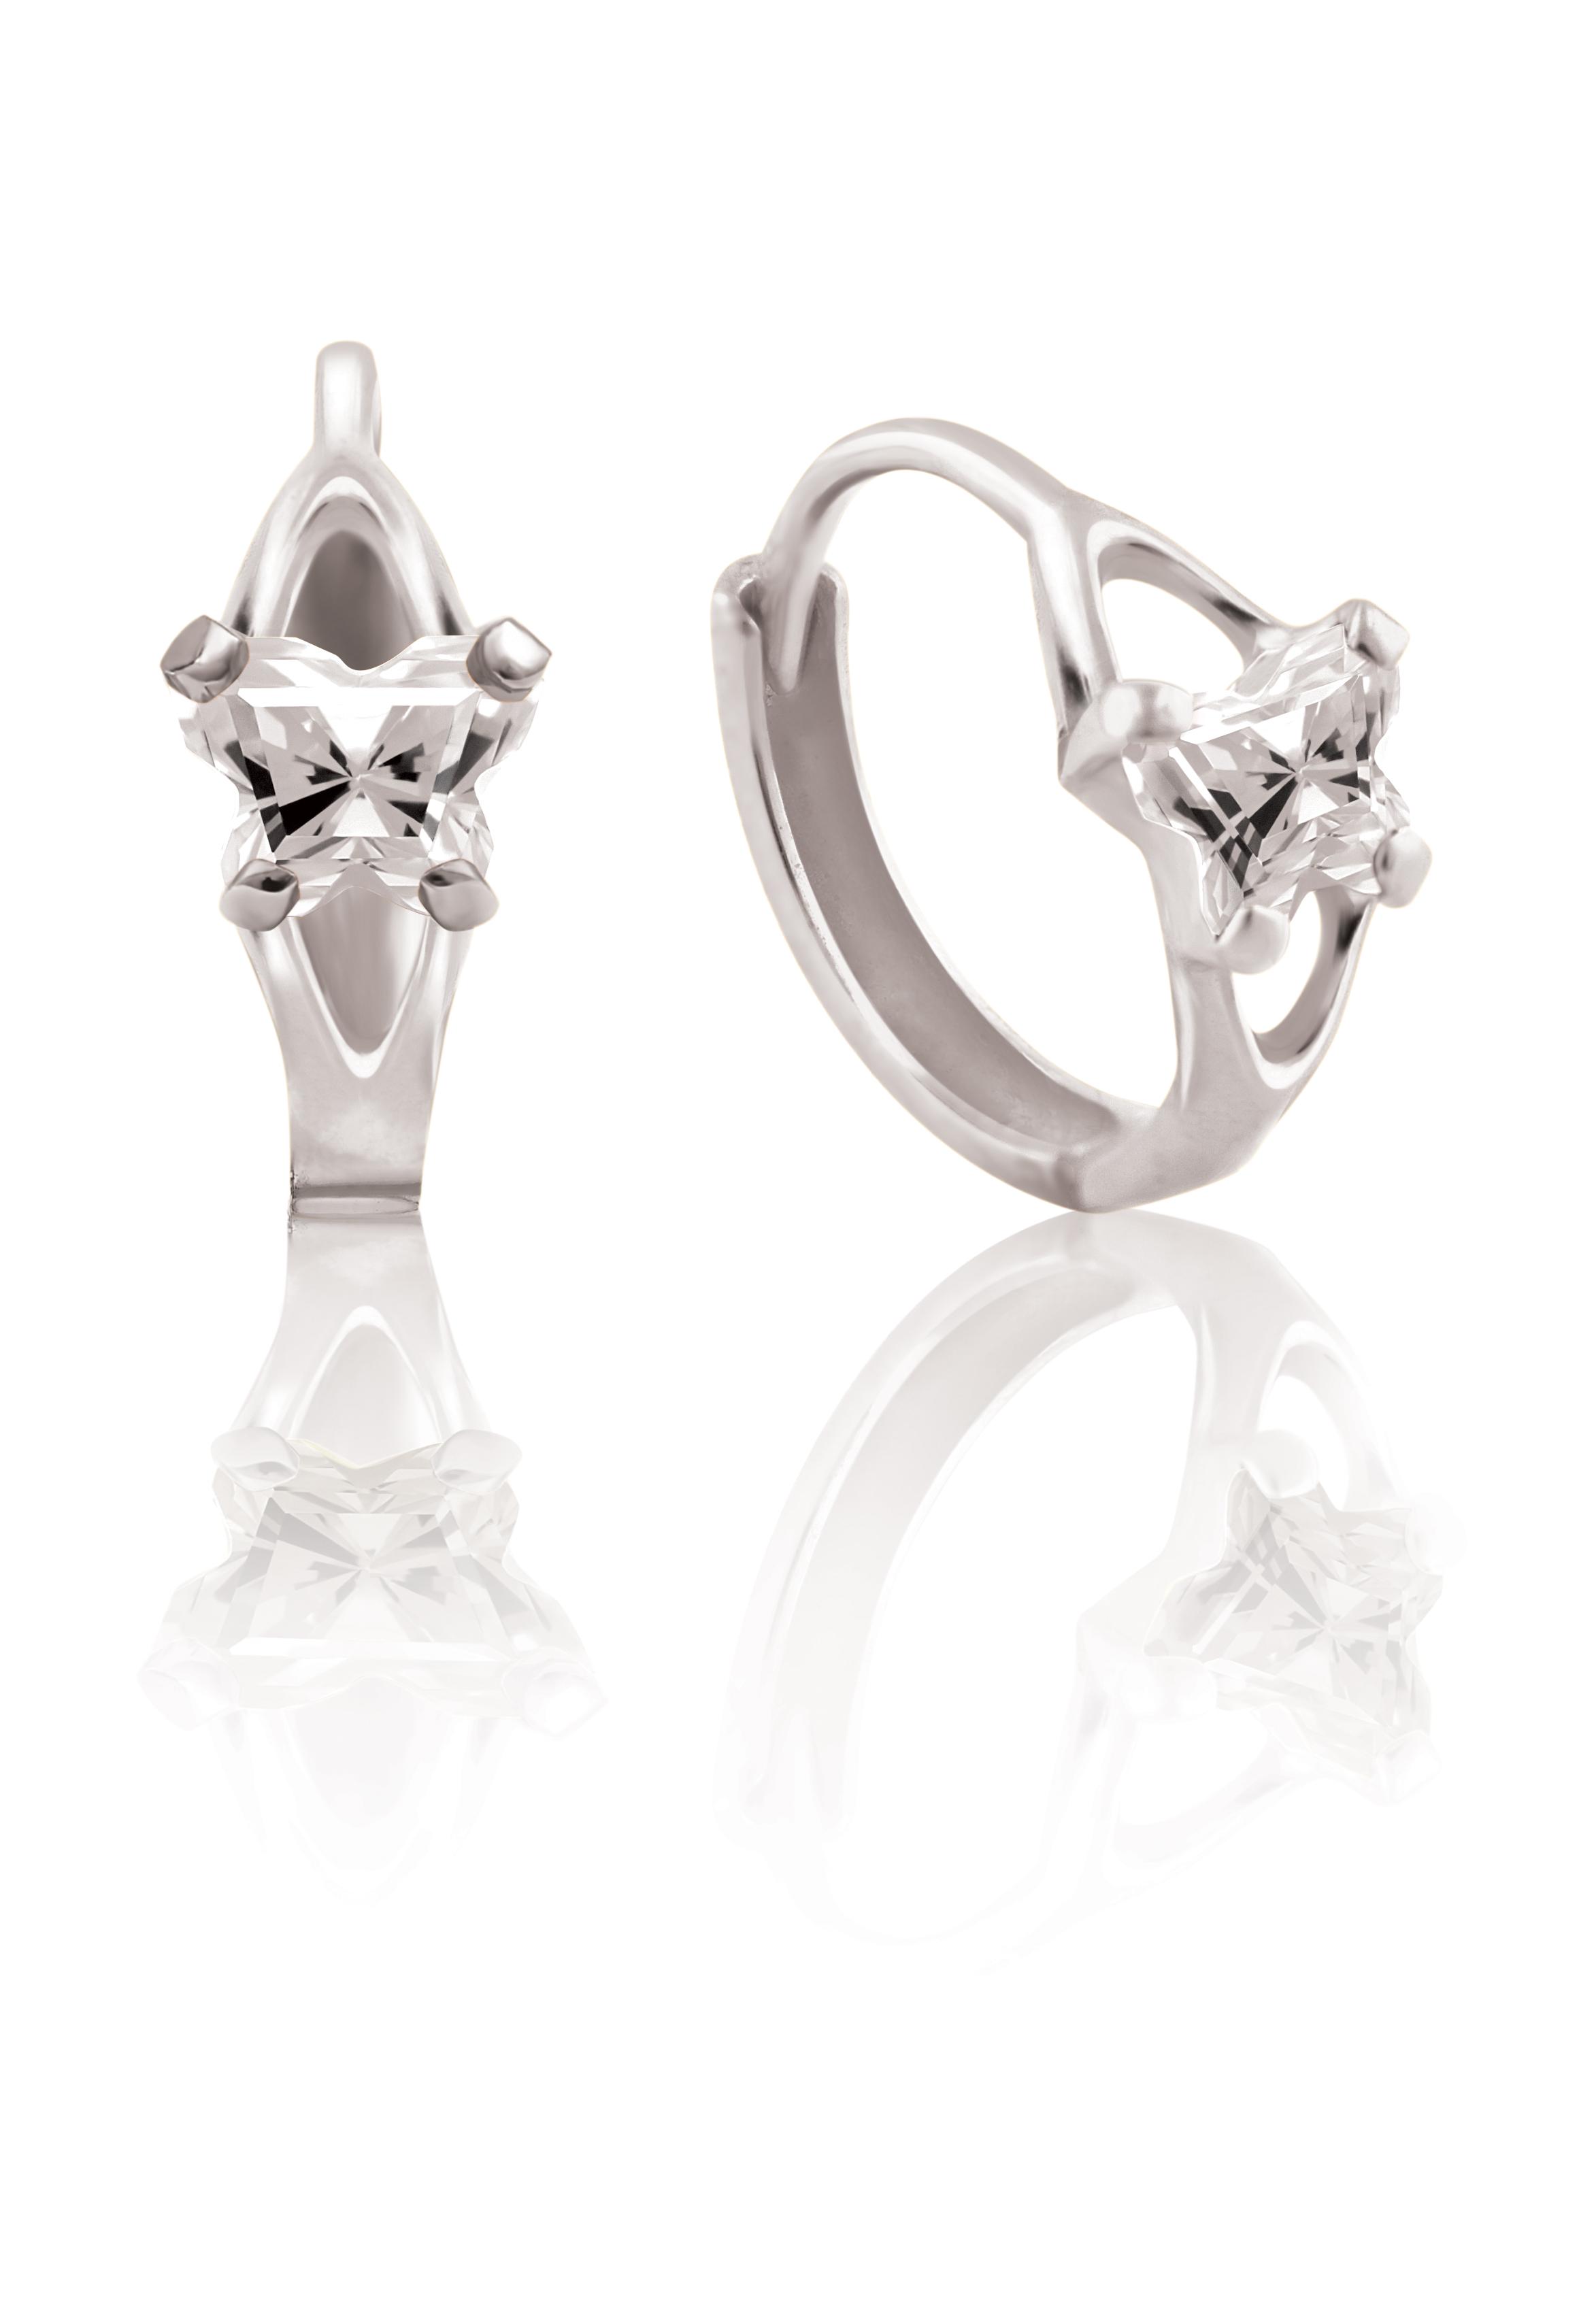 Boucles d'oreilles BFLY de genre Huggies pour bambins en argent sterling serties de zircons cubiques (mois d'avril)